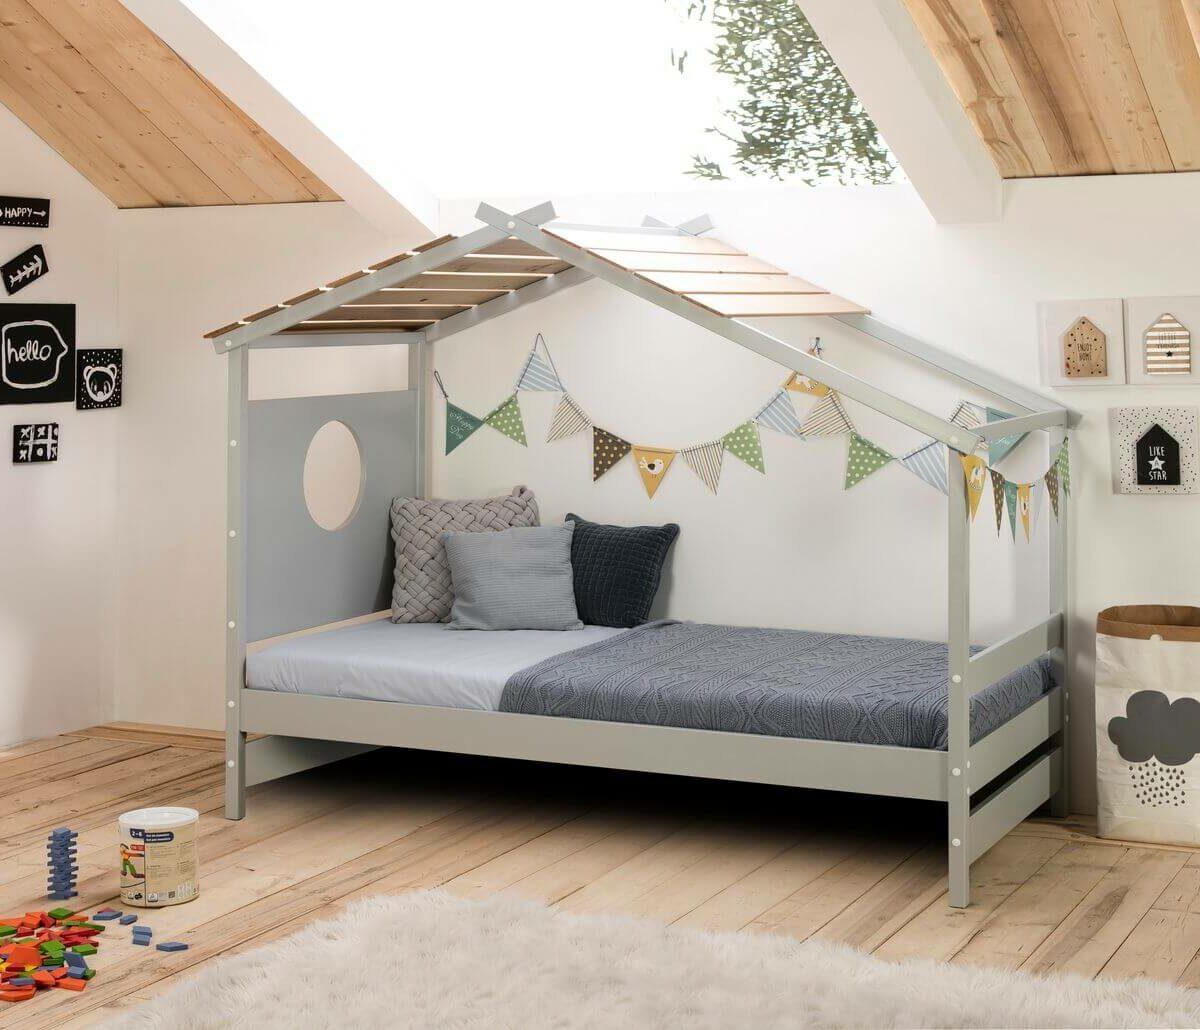 lit cabane idée meuble chambre de jumeaux deux enfants Bobochic